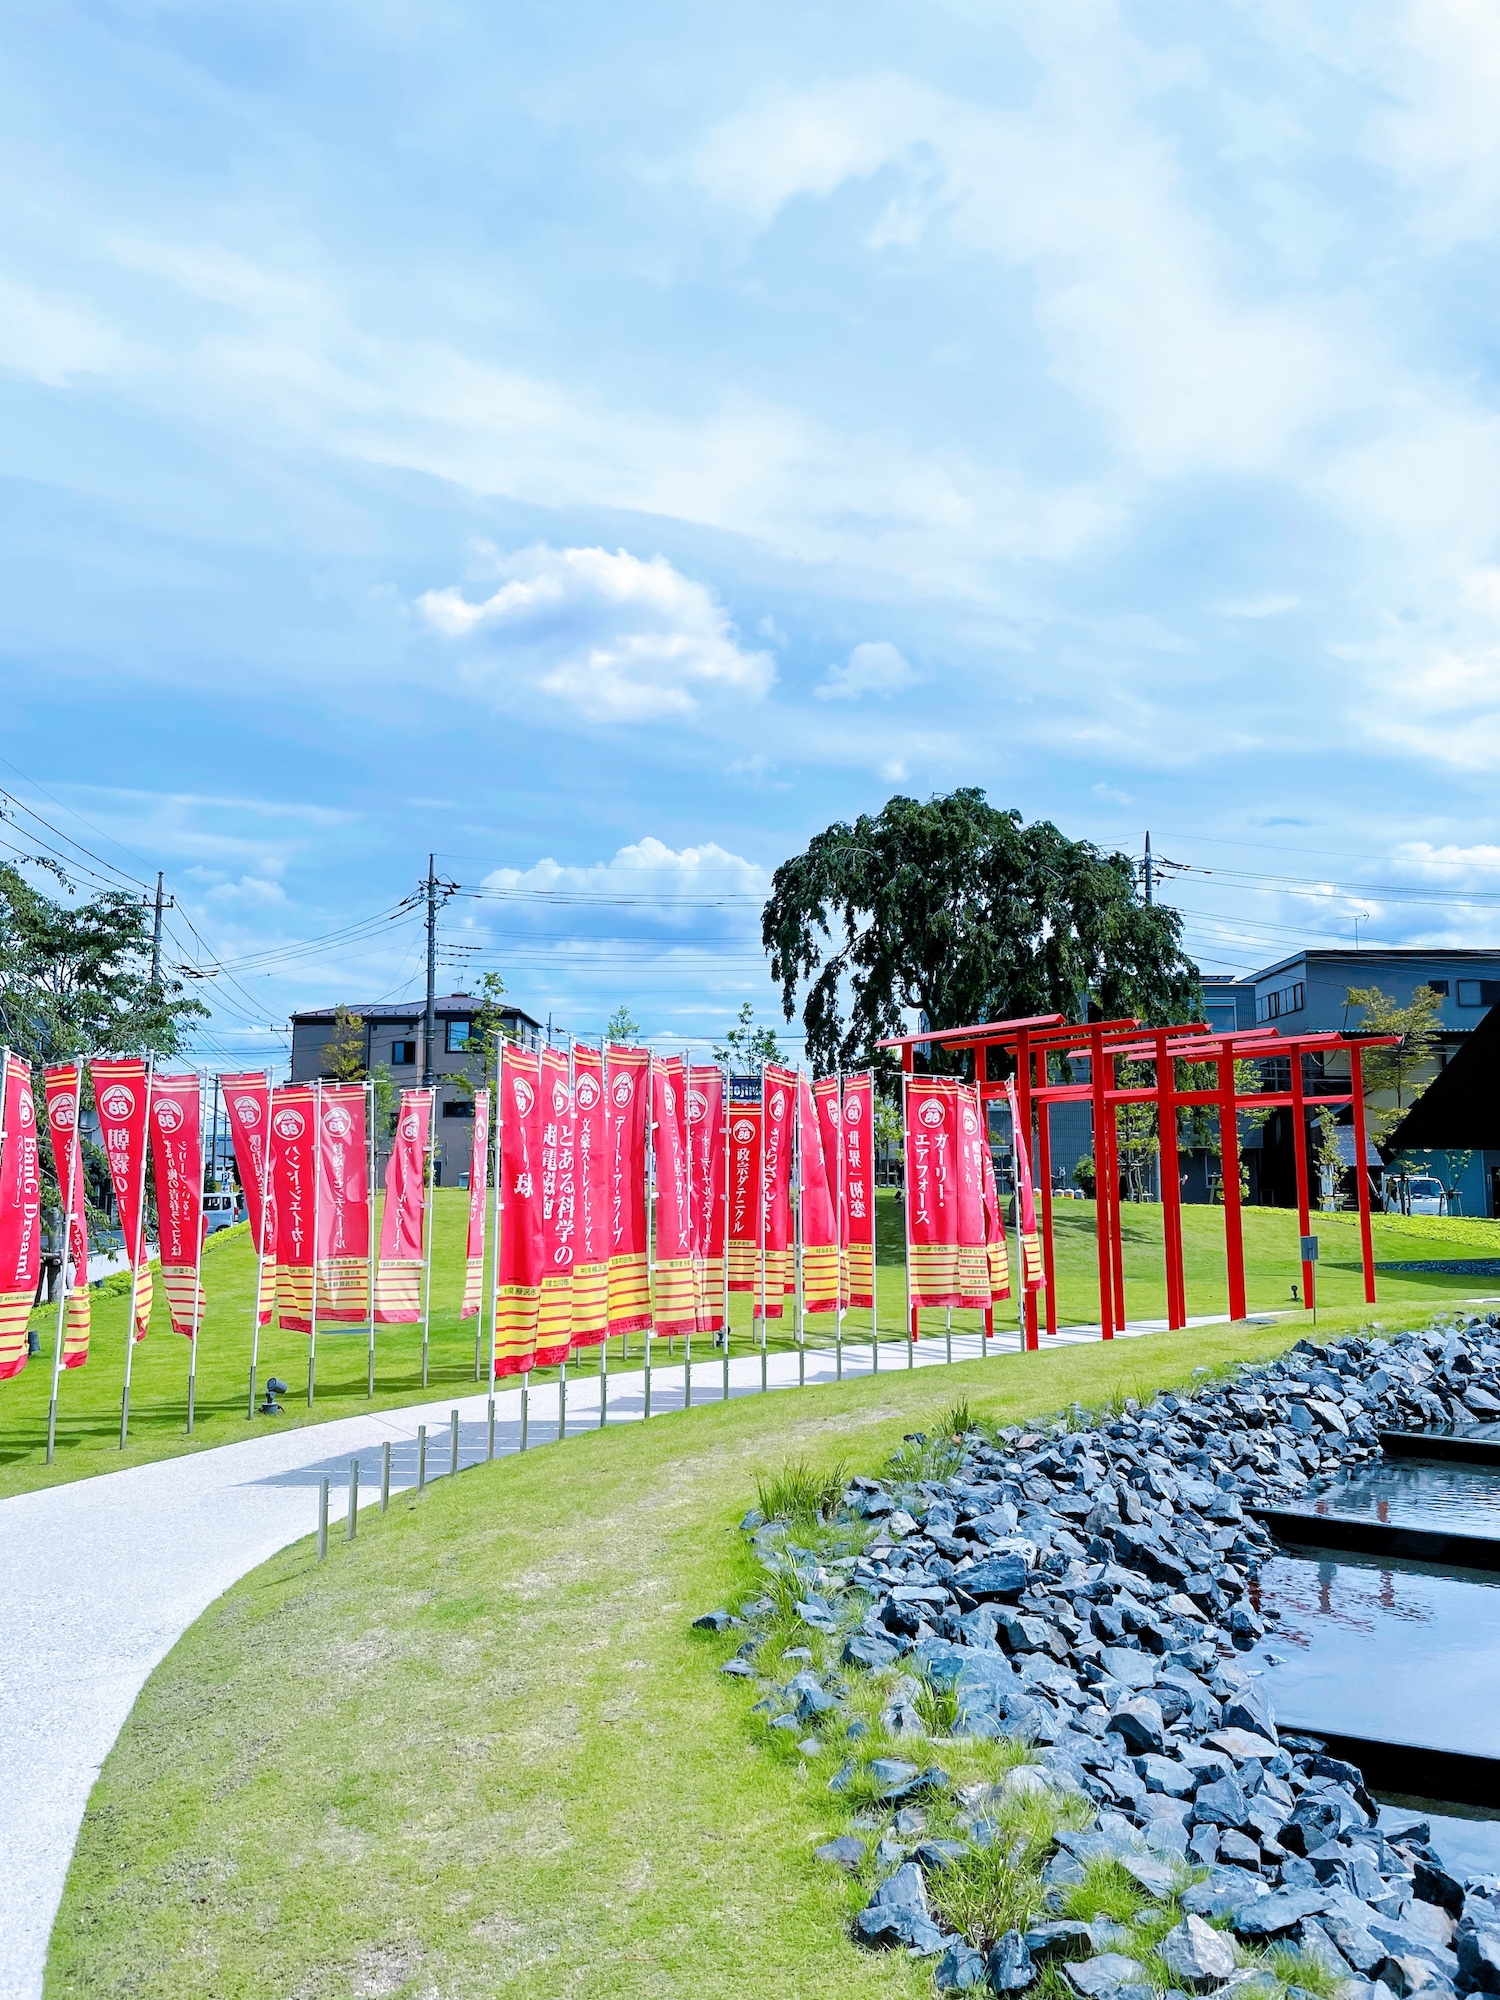 角川武蔵野ミュージアム周辺で、大人も楽しめる観光スポット周遊♪_4